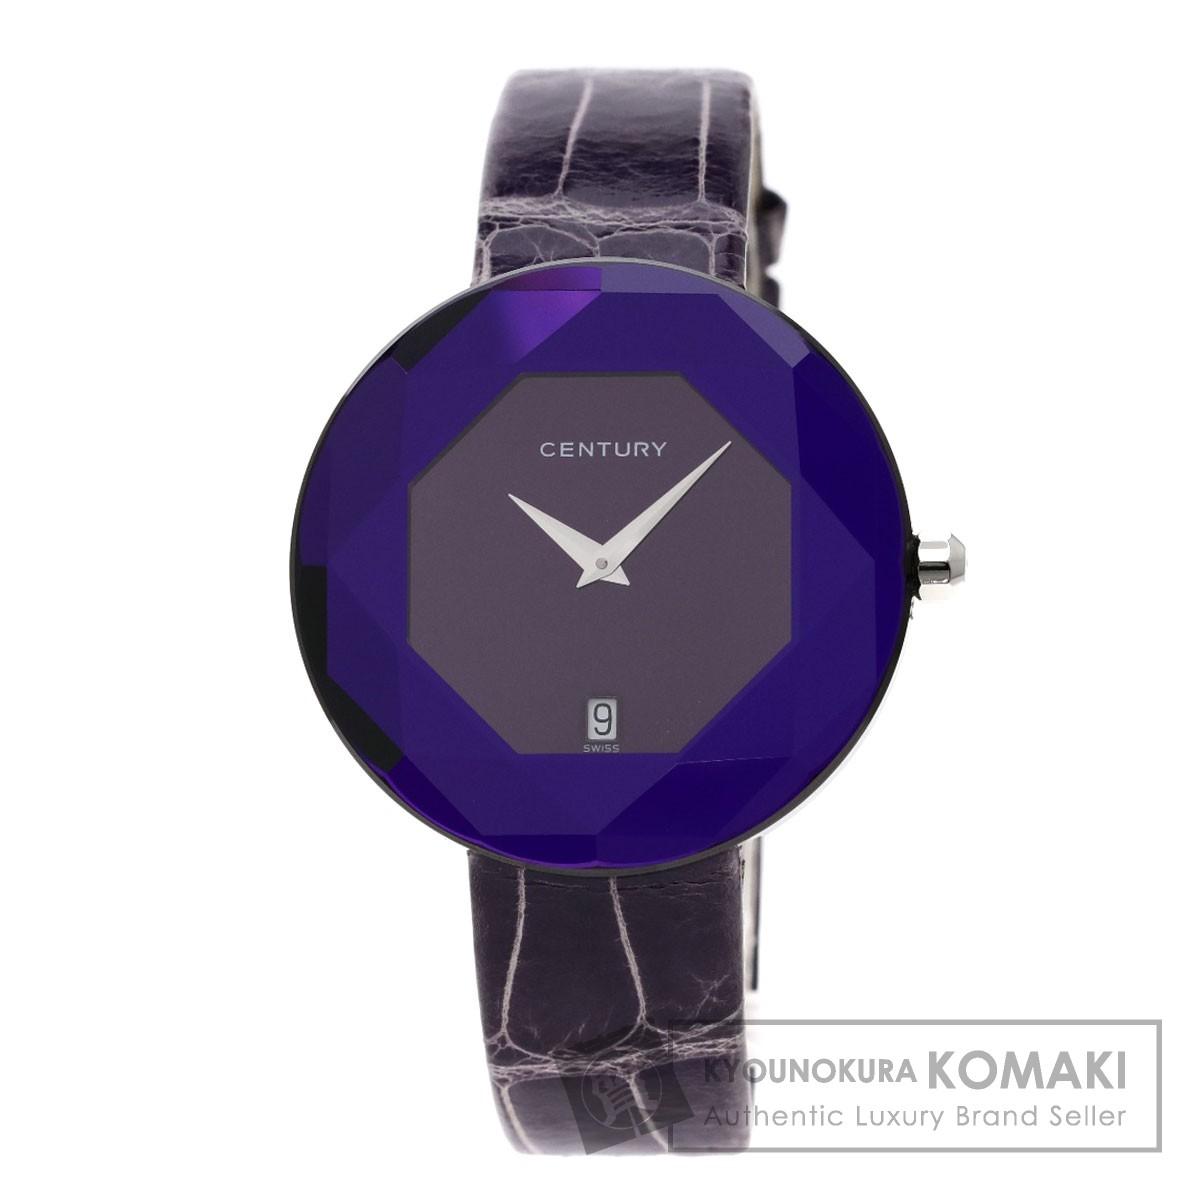 センチュリー 832.6.H.65D.12.CVK タイムジェム 腕時計 ステンレススチール/革 メンズ 【中古】【CENTURY】